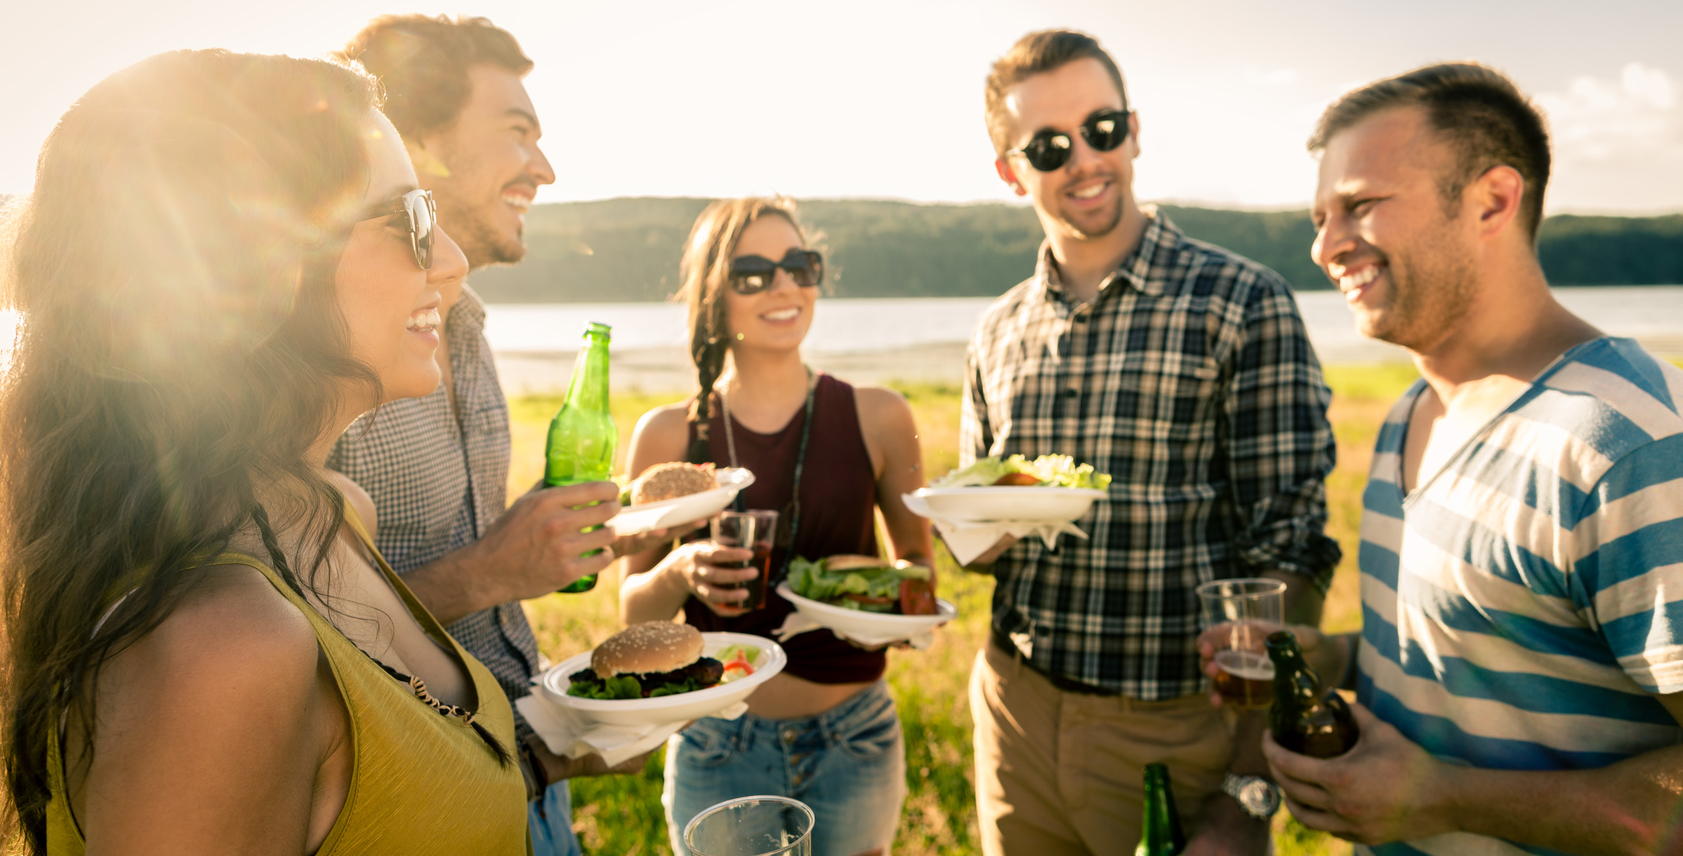 Grill-BBQ-Käse-Burger mit Freunden genießen!